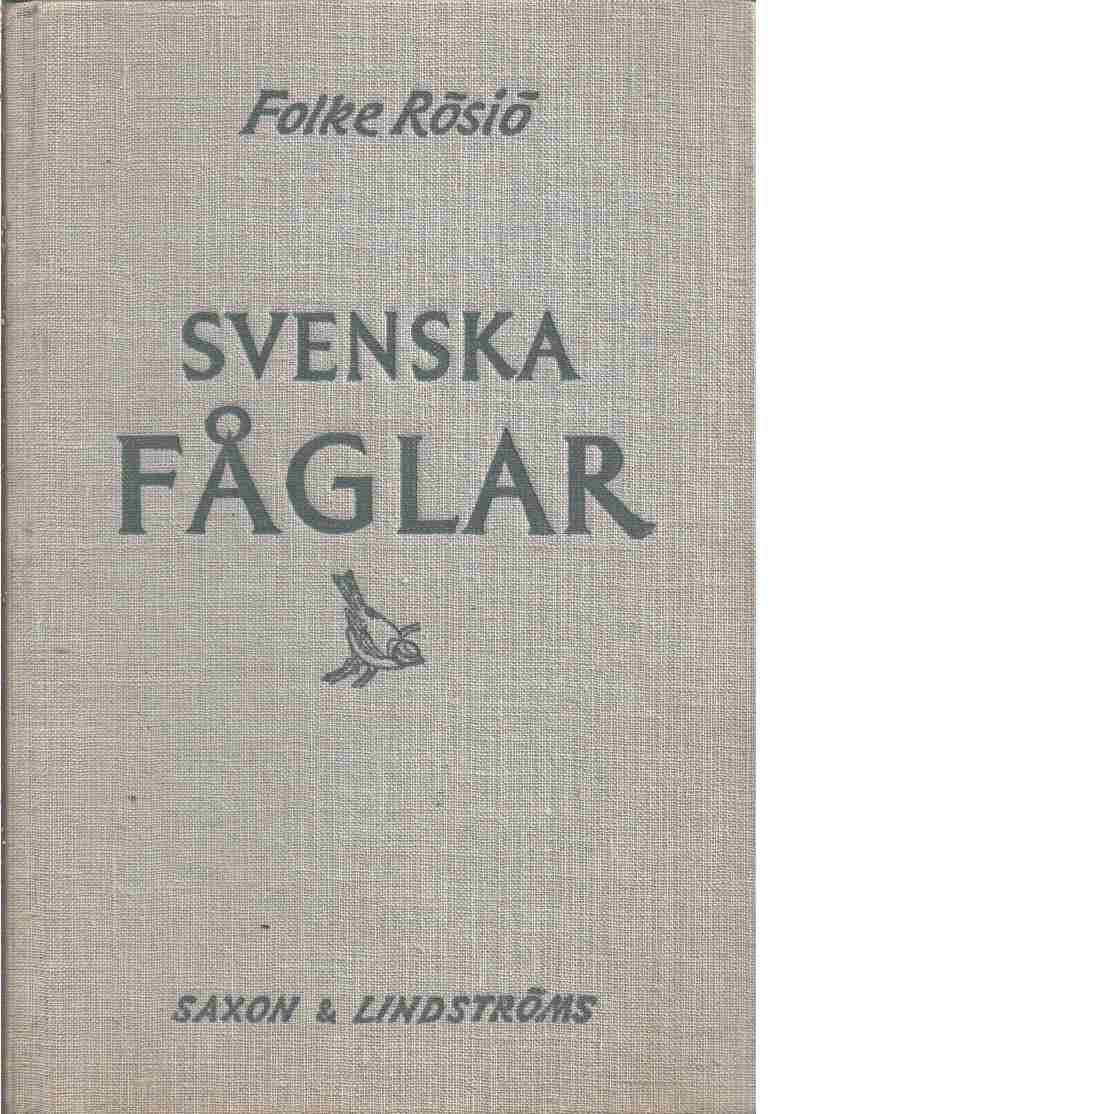 Svenska fåglar : 75 fågelbeskrivningar, illustrerade med fotografier och färgbilder - Rösiö, Folke